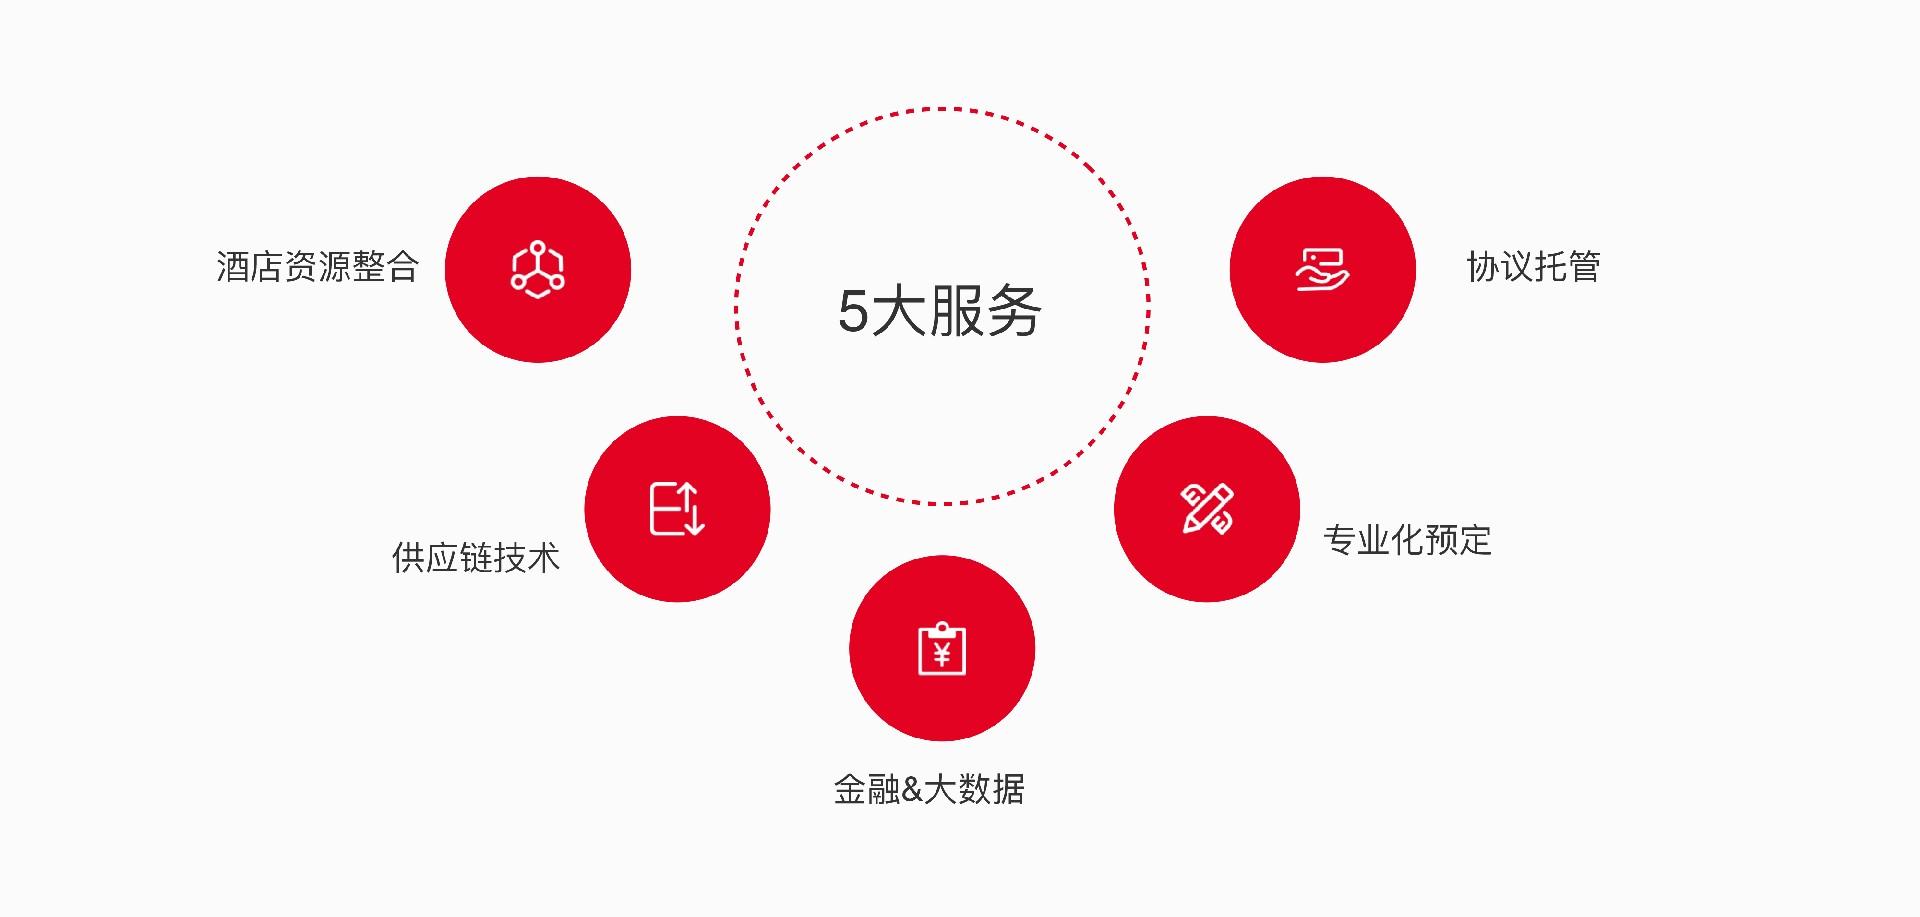 5大解决方案.jpg